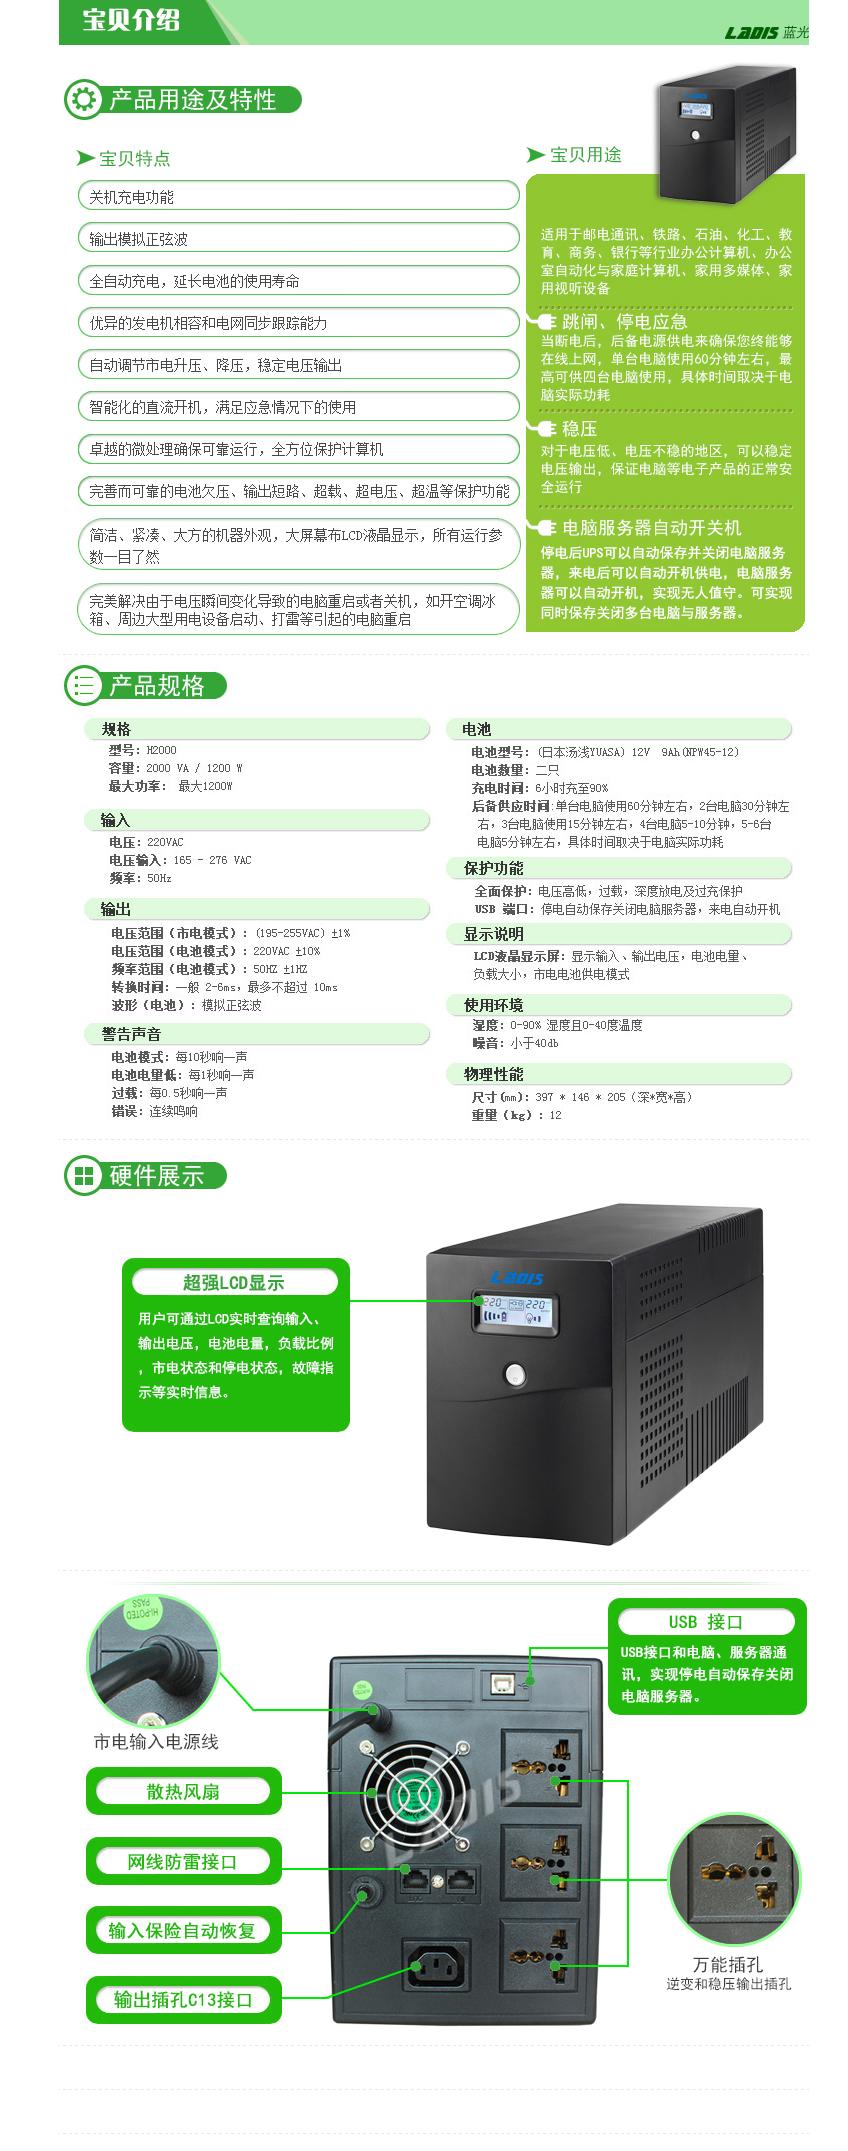 雷迪司h2000 ups电源